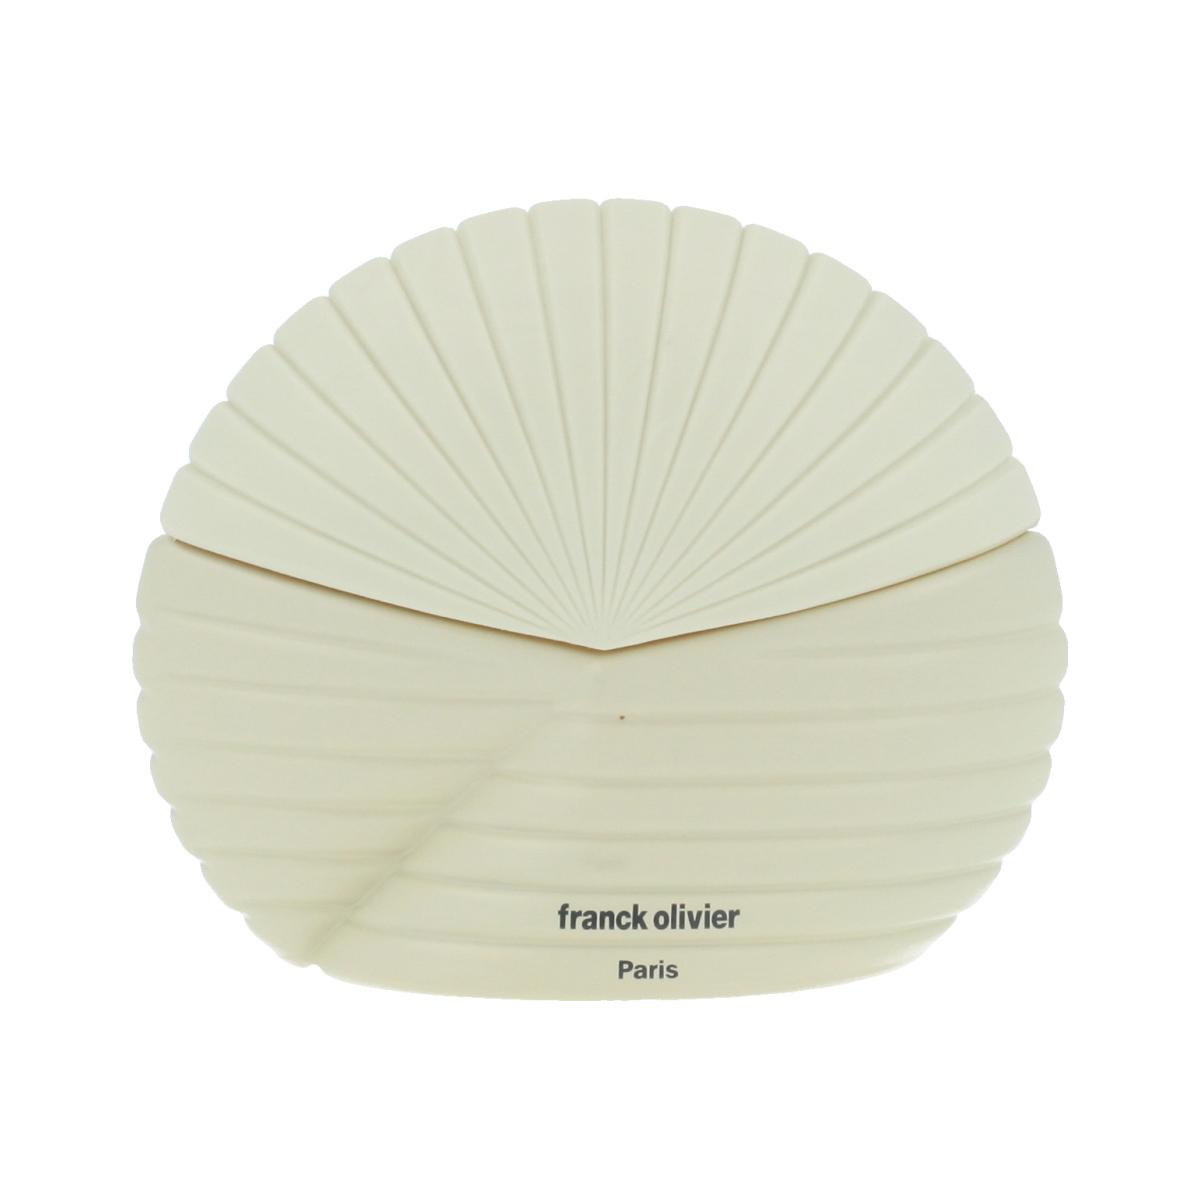 Franck Olivier Franck Olivier Eau De Parfum 75 ml (woman) 62357